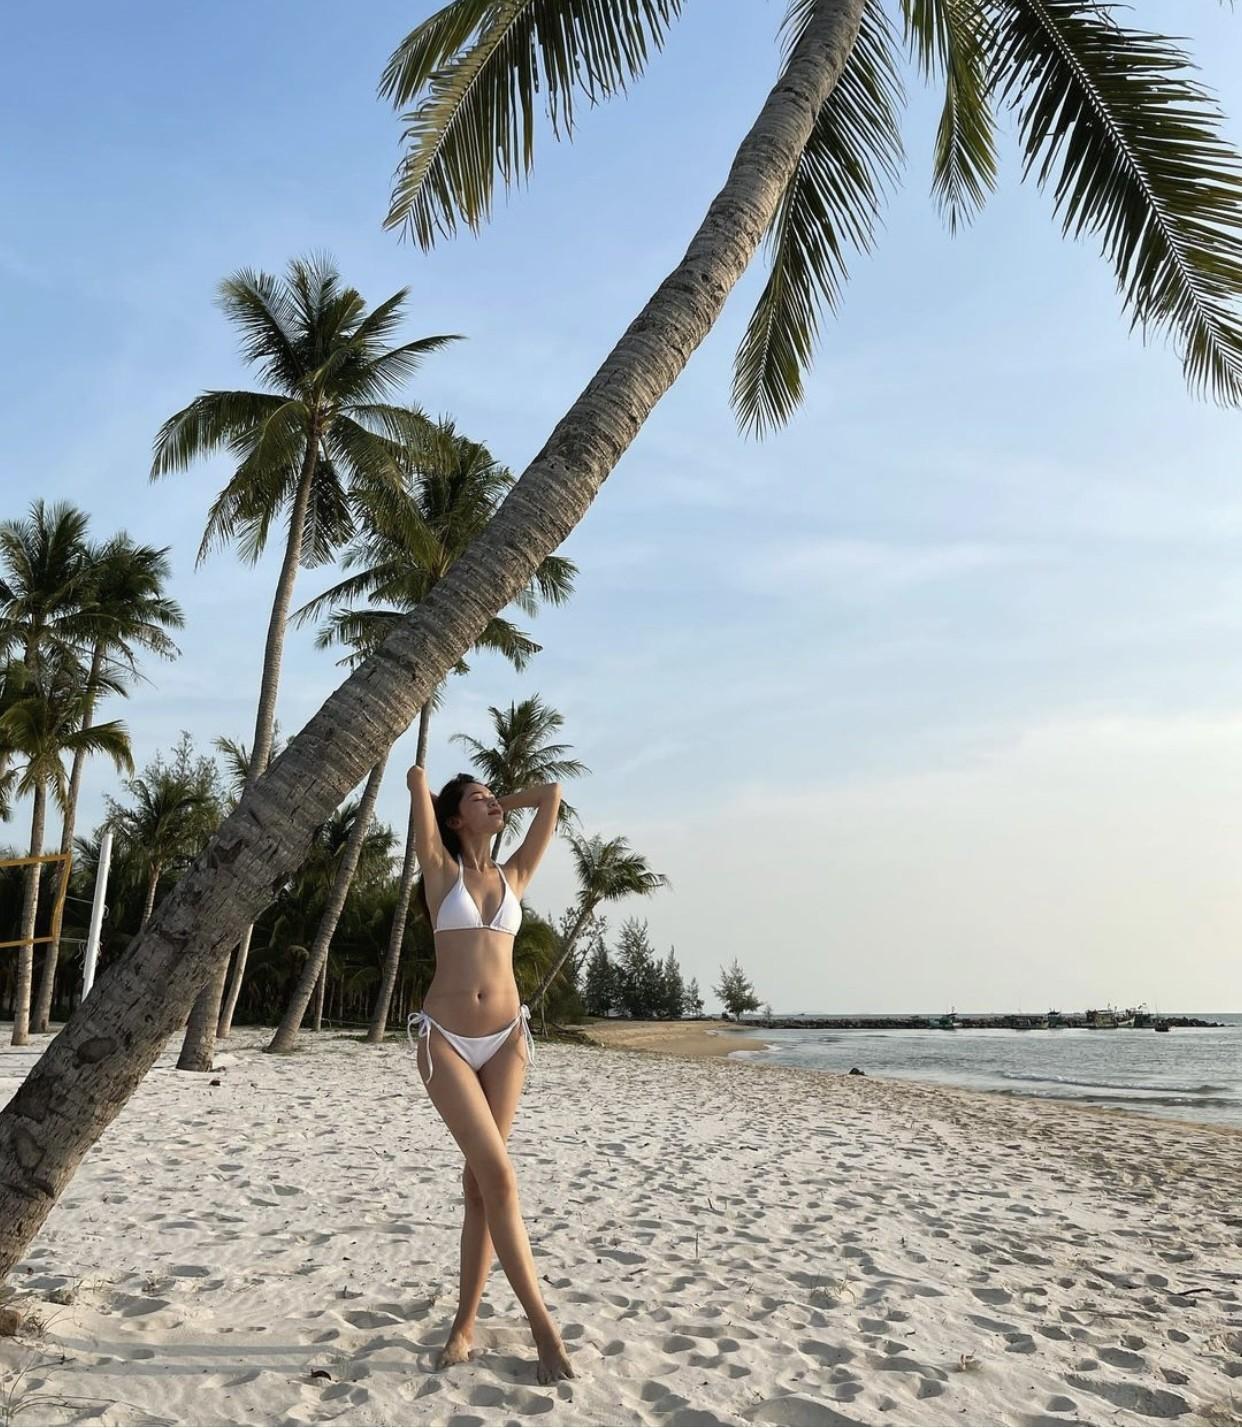 Á hậu Thuỳ Dung nóng bỏng với bikini trên biển, Đào Thị Hà mặc áo trễ nải quyến rũ ảnh 2